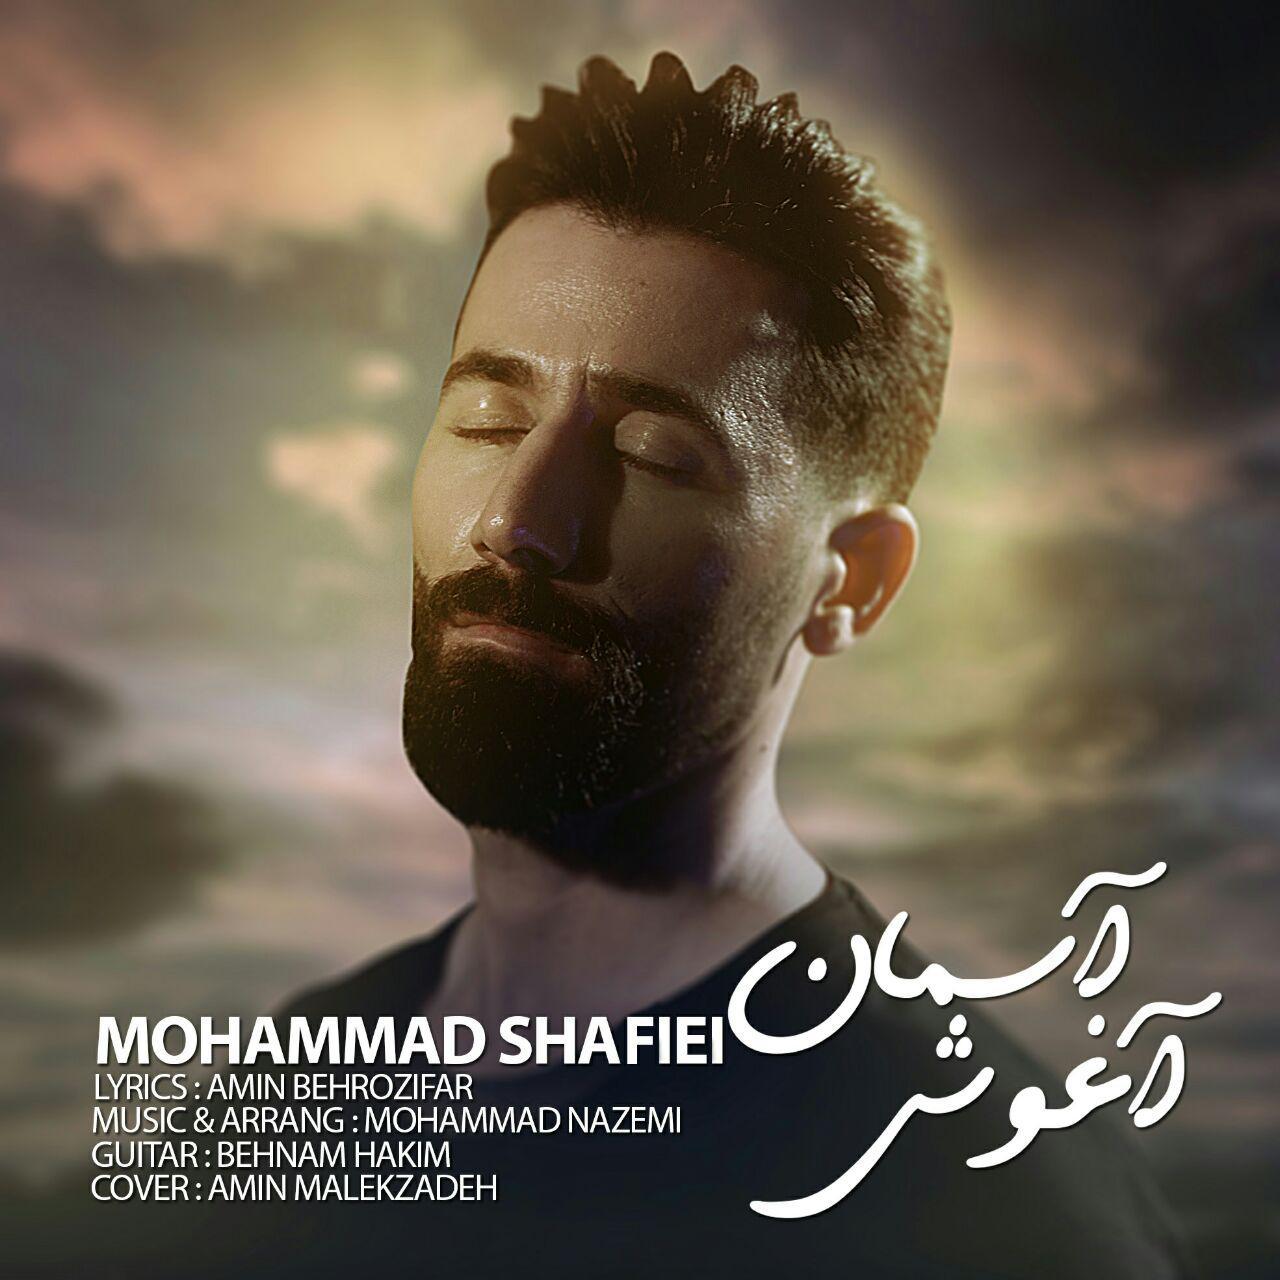 دانلود آهنگ محمد شفیعی به نام آغوش آسمان